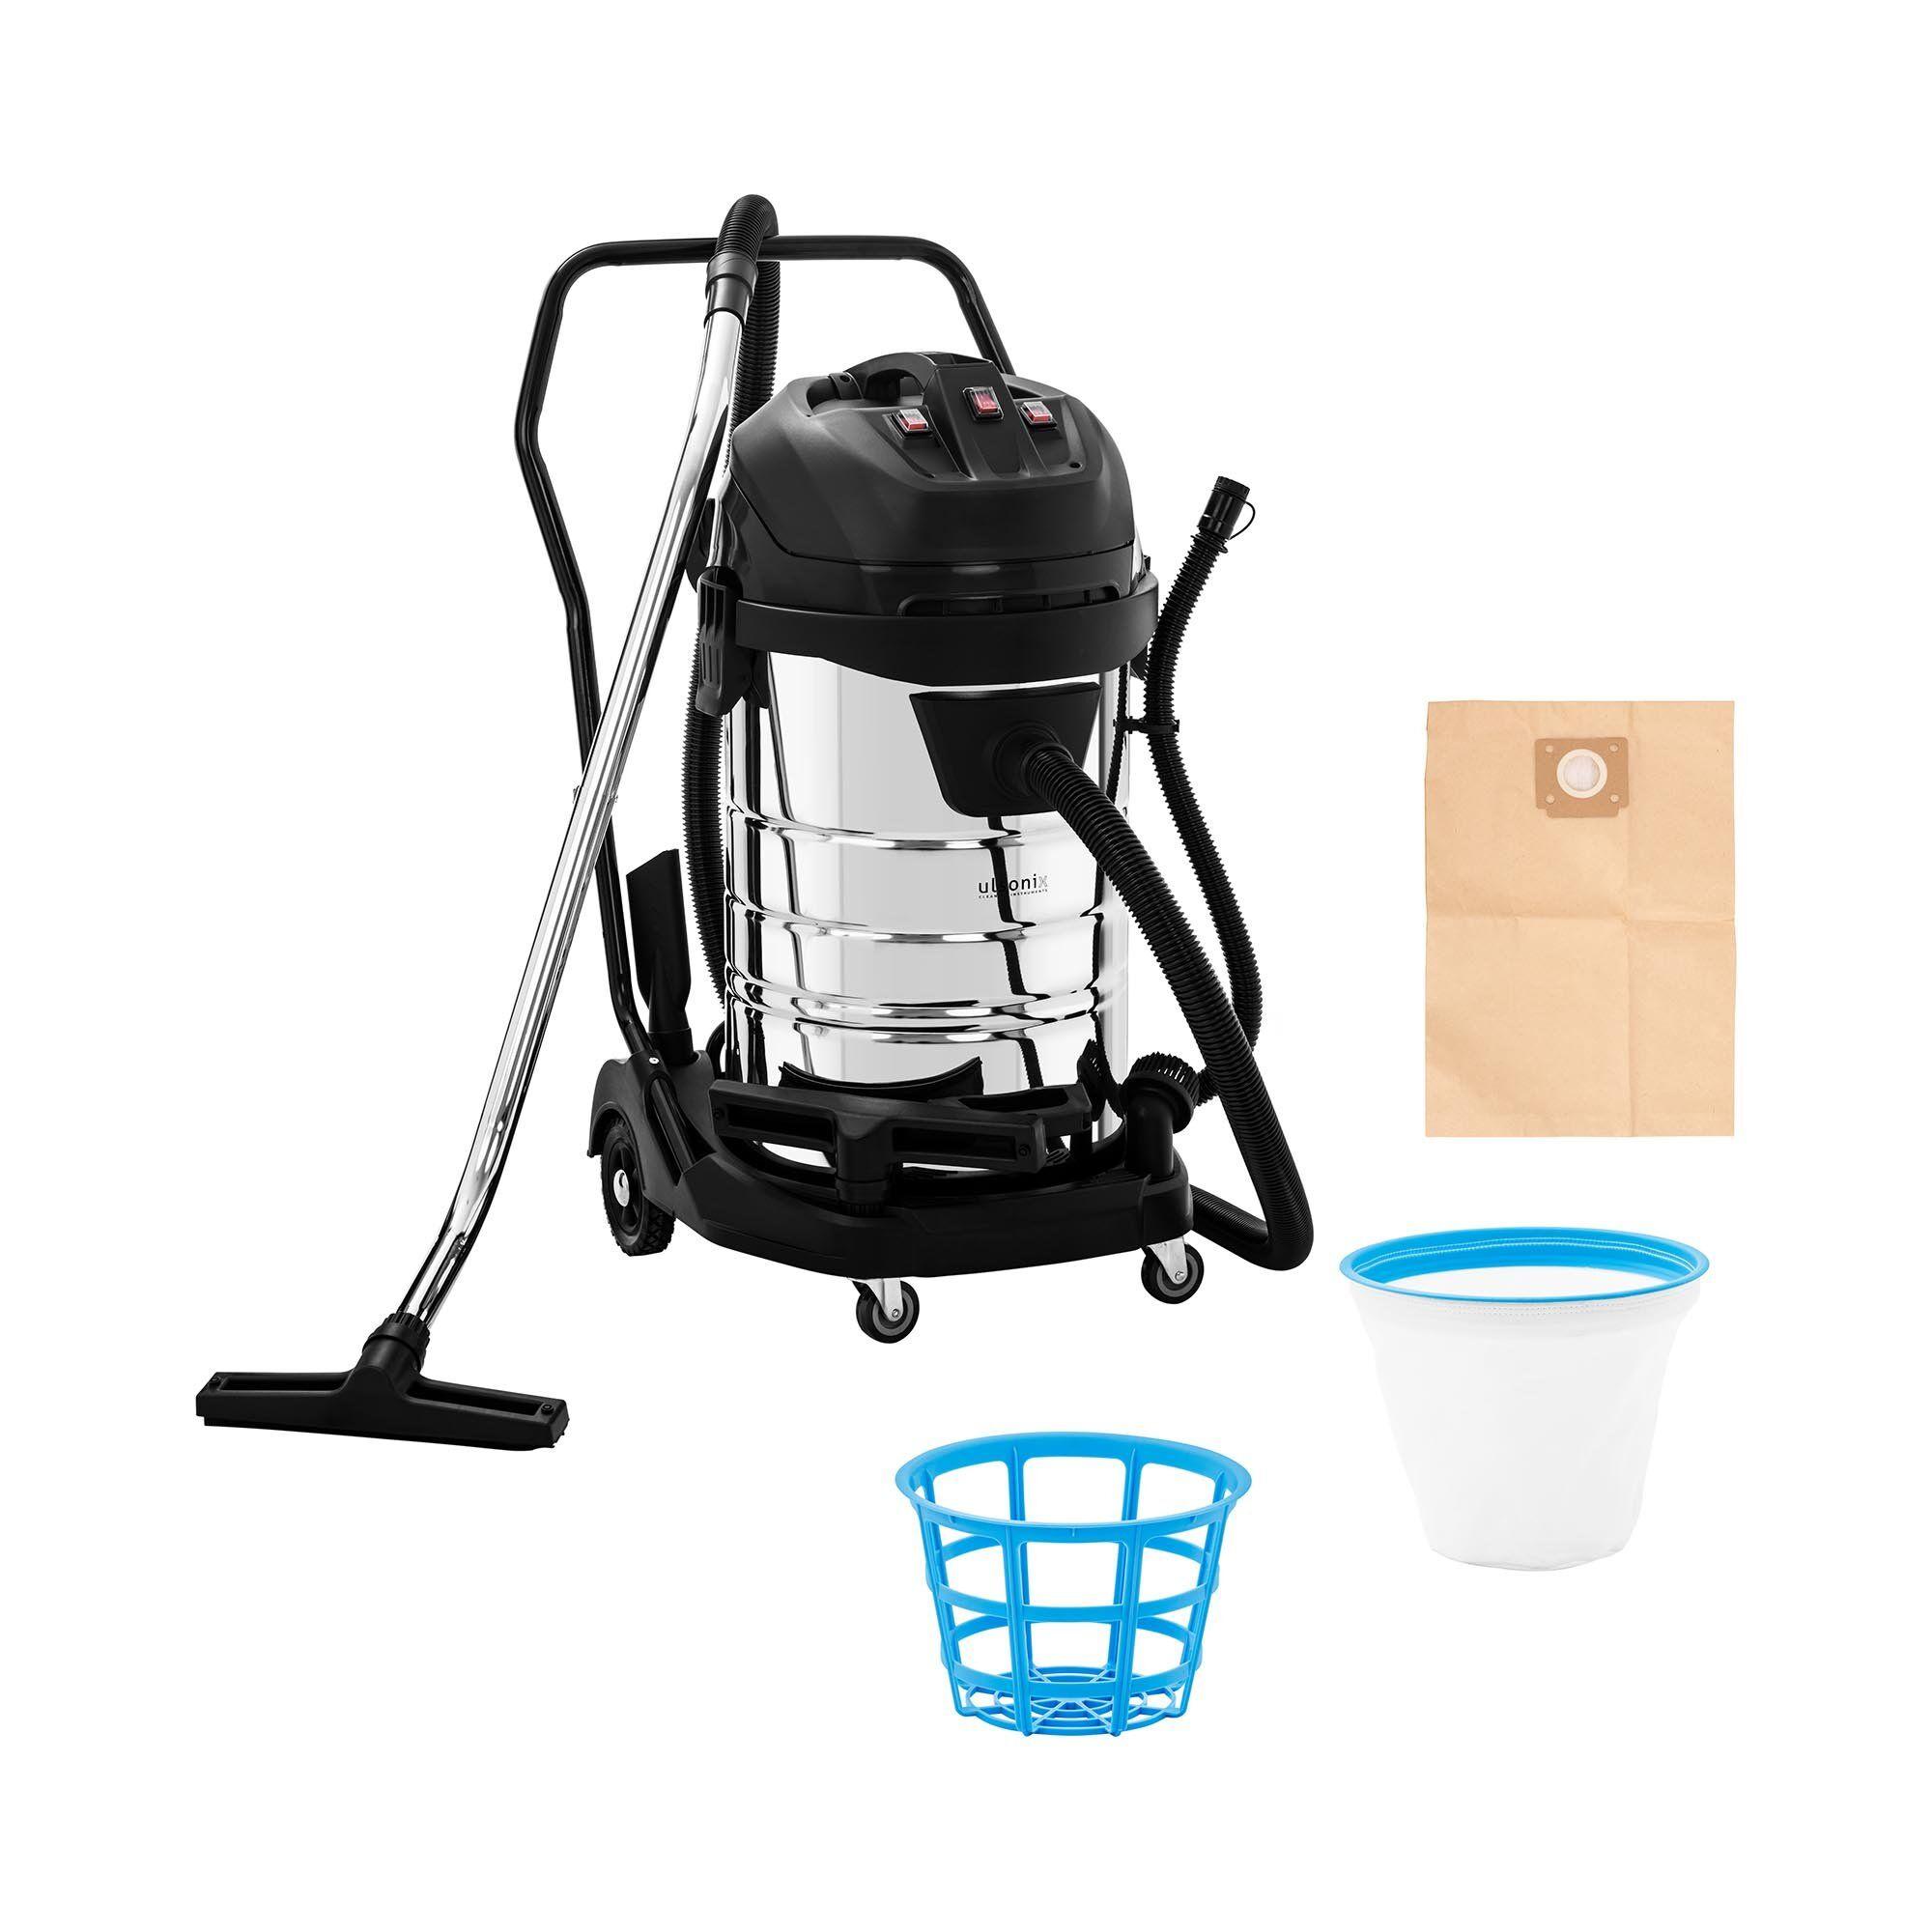 ulsonix Aspirateur eau et poussière - 3 000 W - 80 l FLOORCLEAN 80M